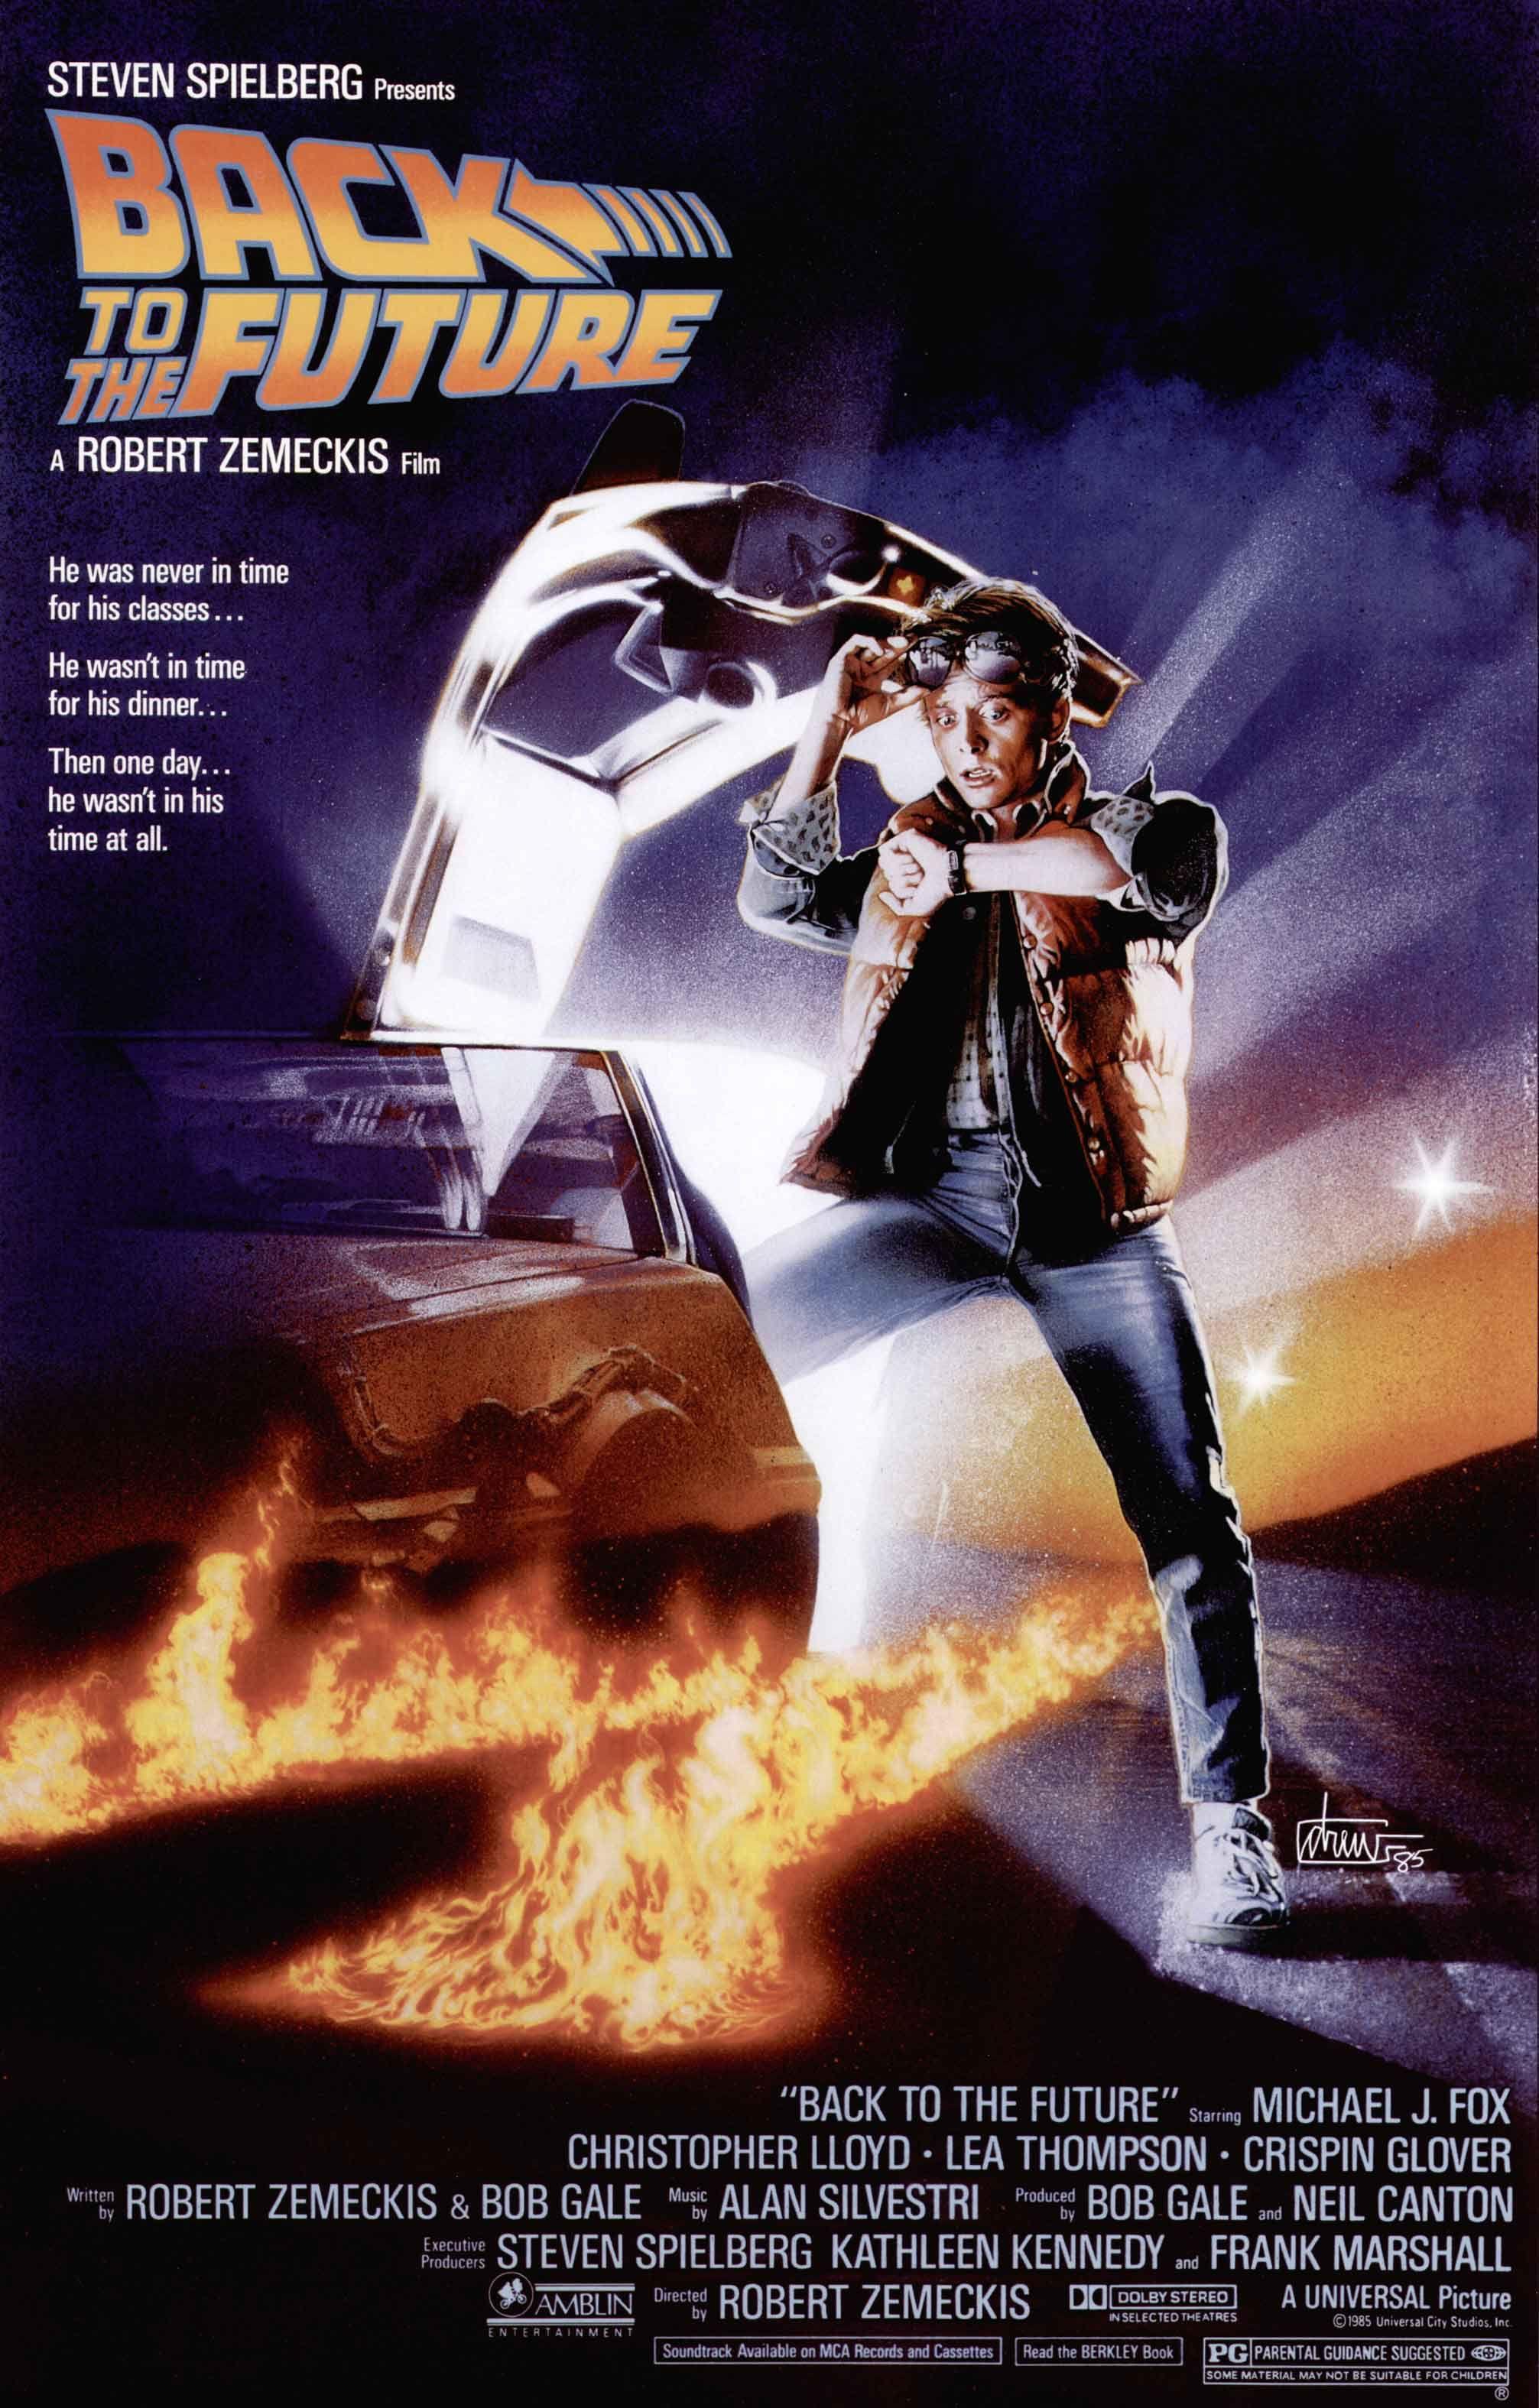 Marty no hubiese vuelto al futuro así